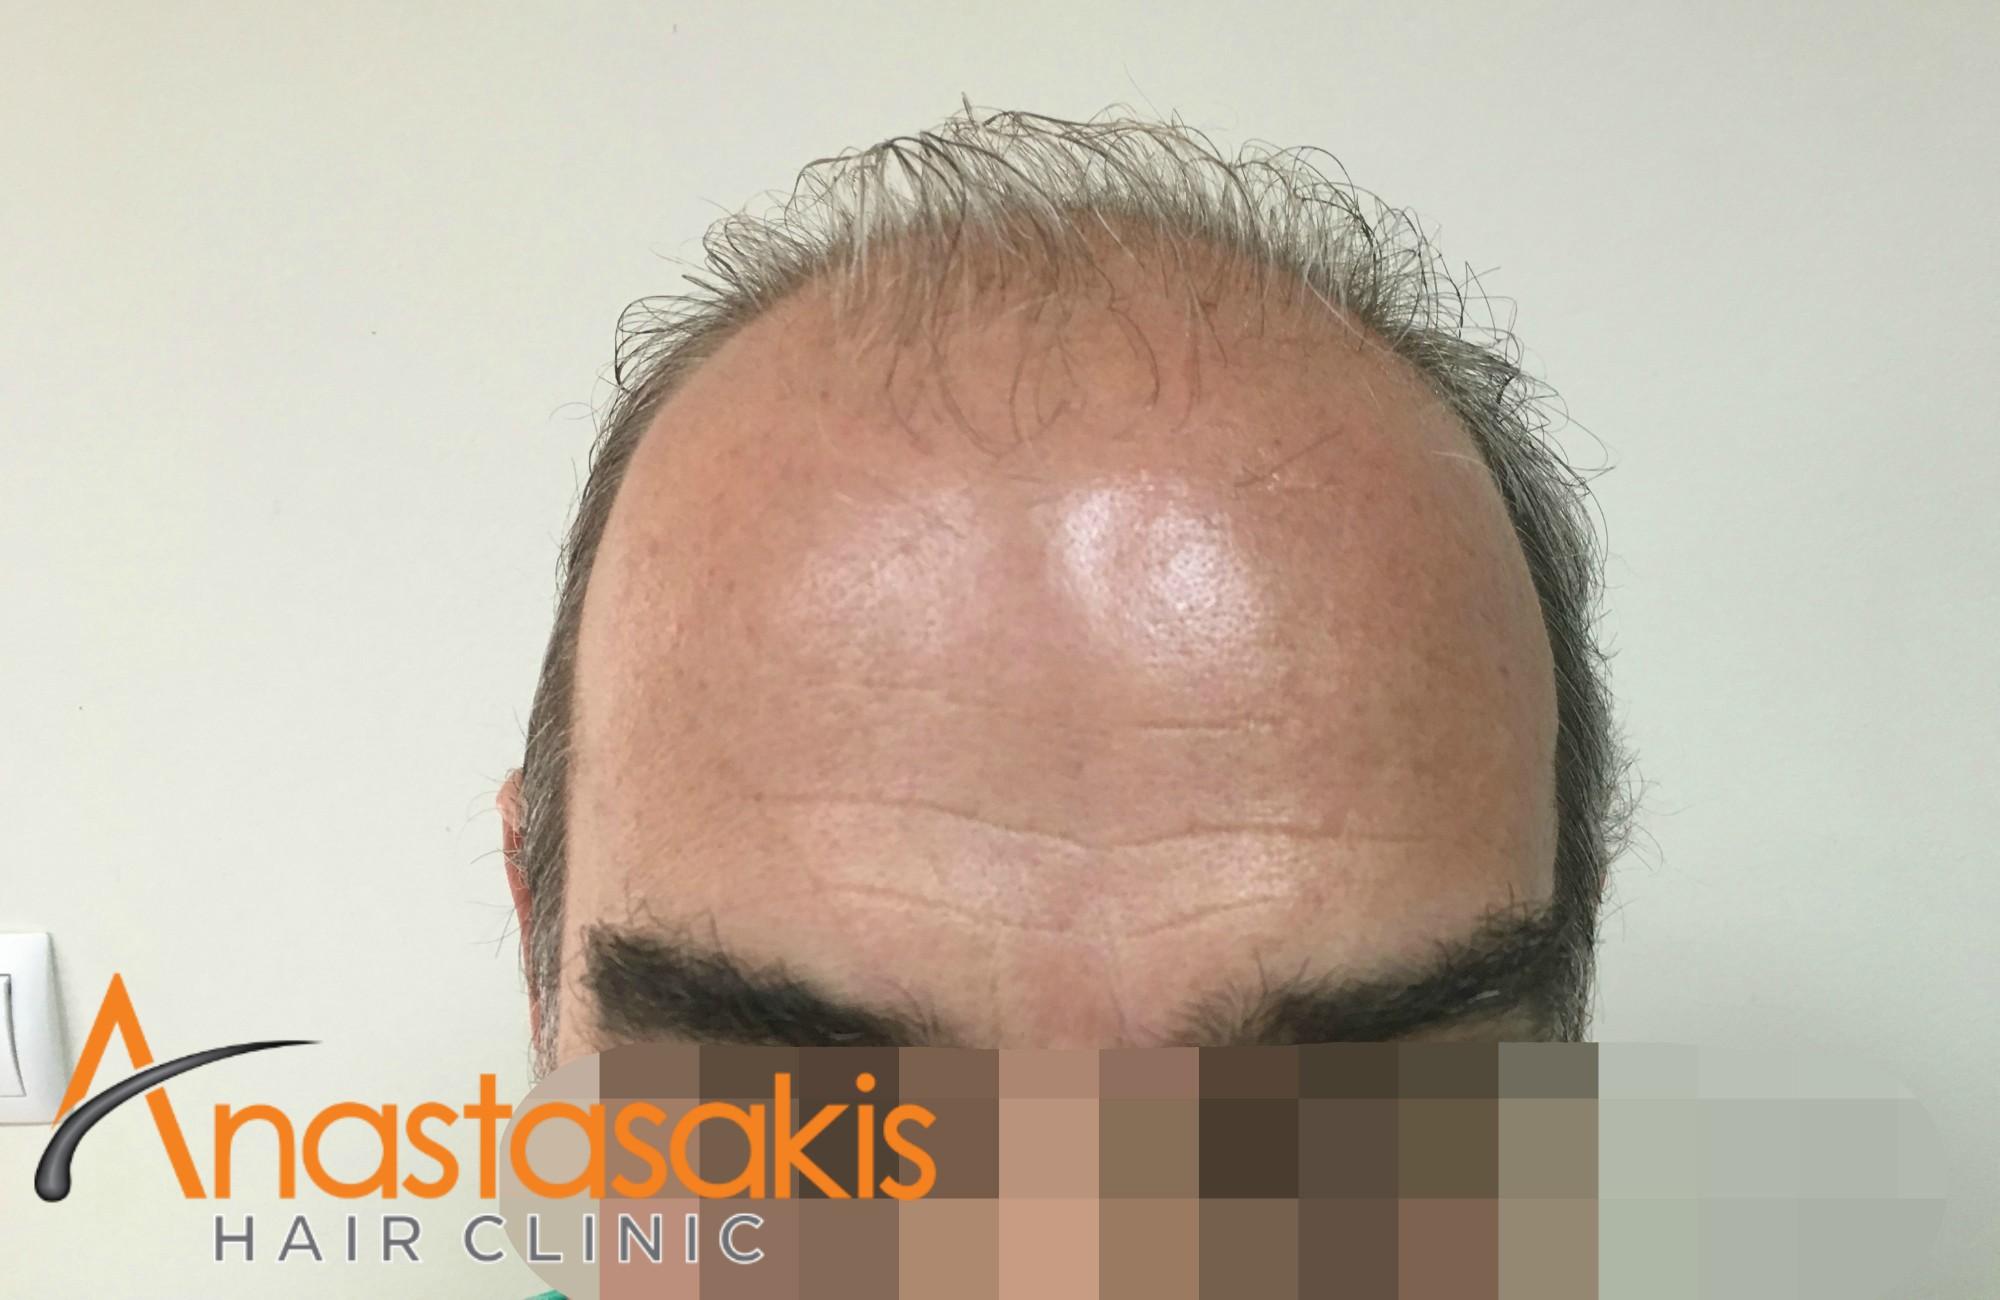 hairline ασθενούς πριν την combo επέμβαση με 5400 fus